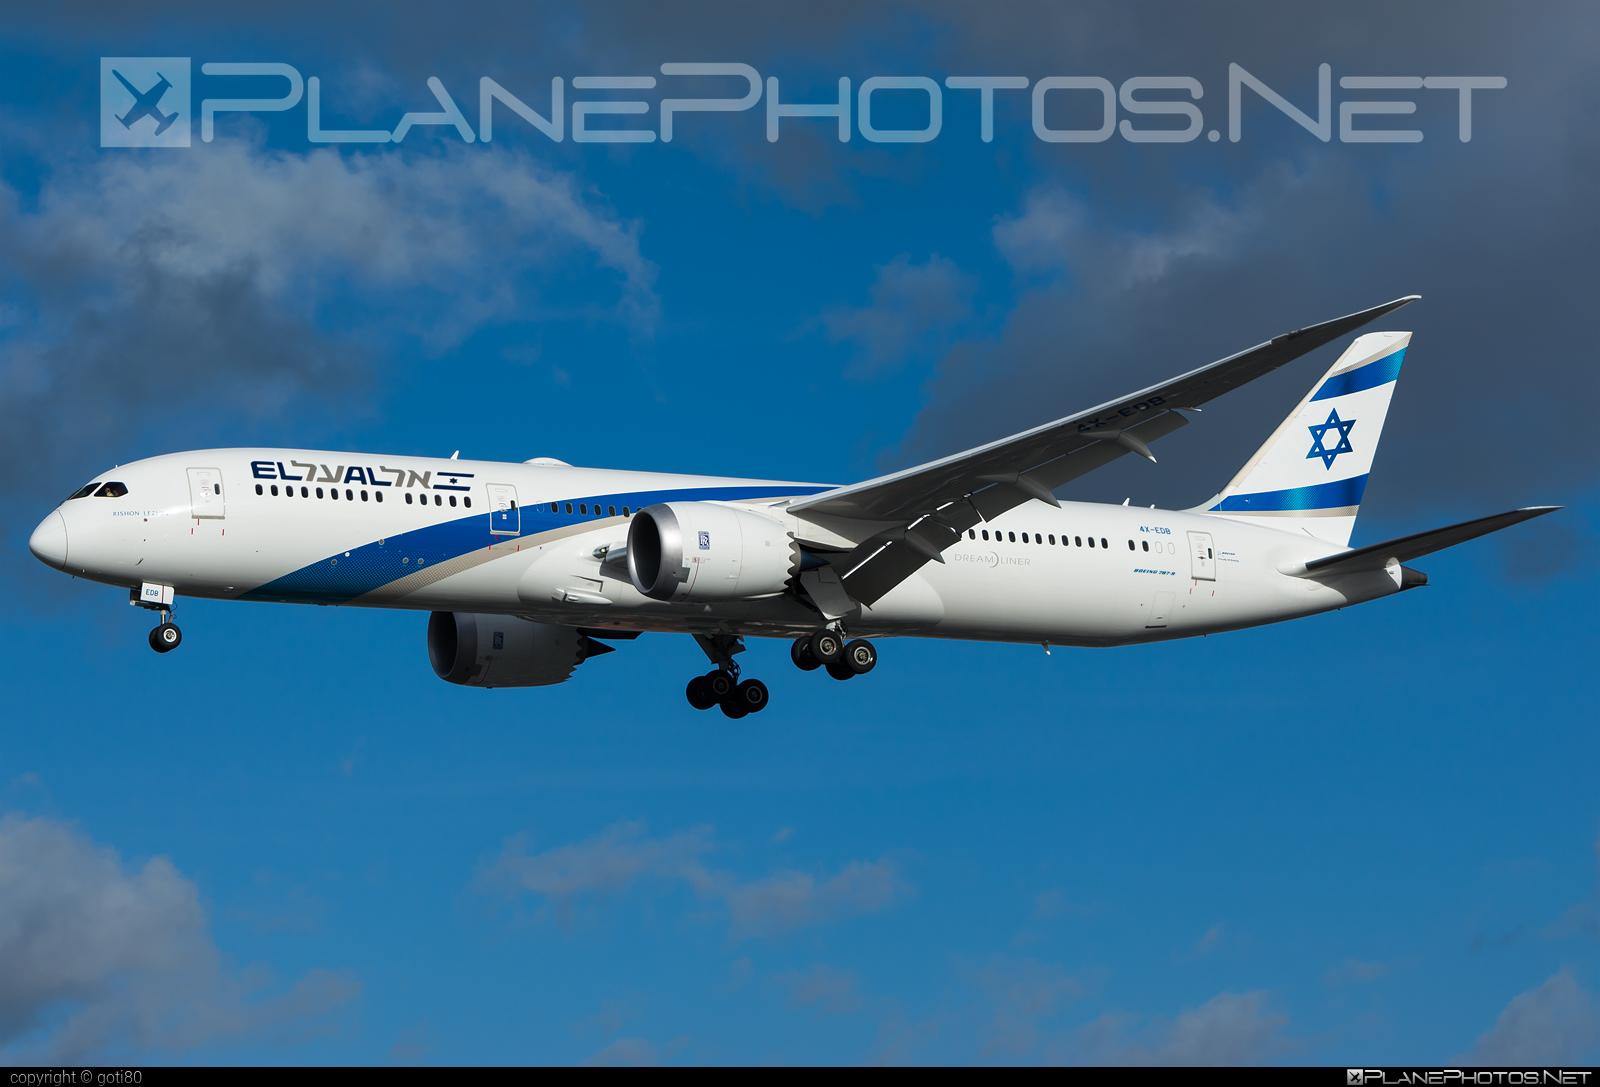 Boeing 787-9 Dreamliner - 4X-EDB operated by El Al Israel Airlines #b787 #boeing #boeing787 #dreamliner #elal #elalisraelairlines #israelairlines